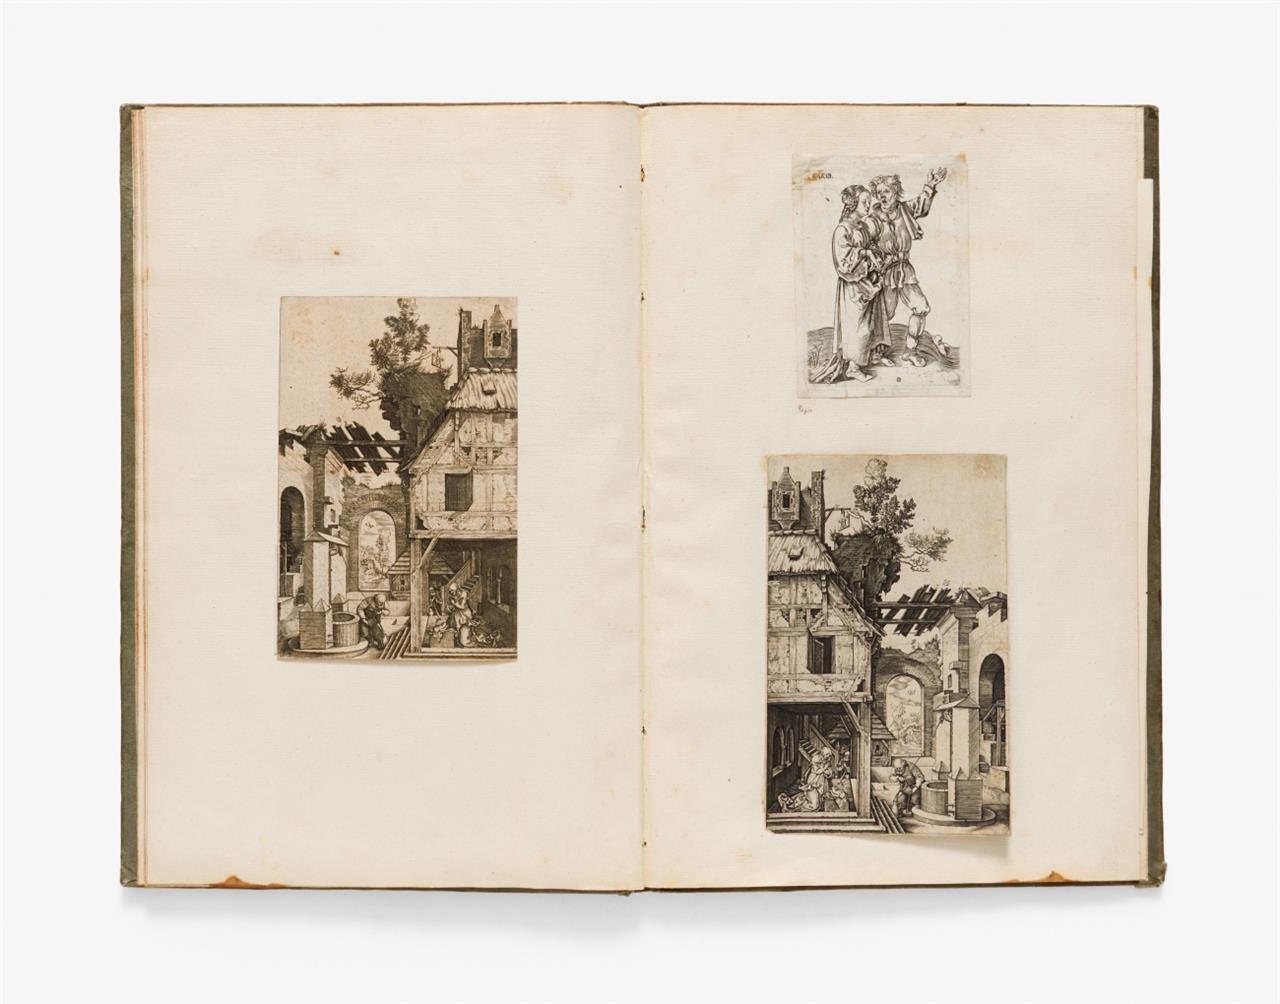 A. Dürer (nach). Sammelband mit 32 Blatt montierten Kopien nach Dürer.